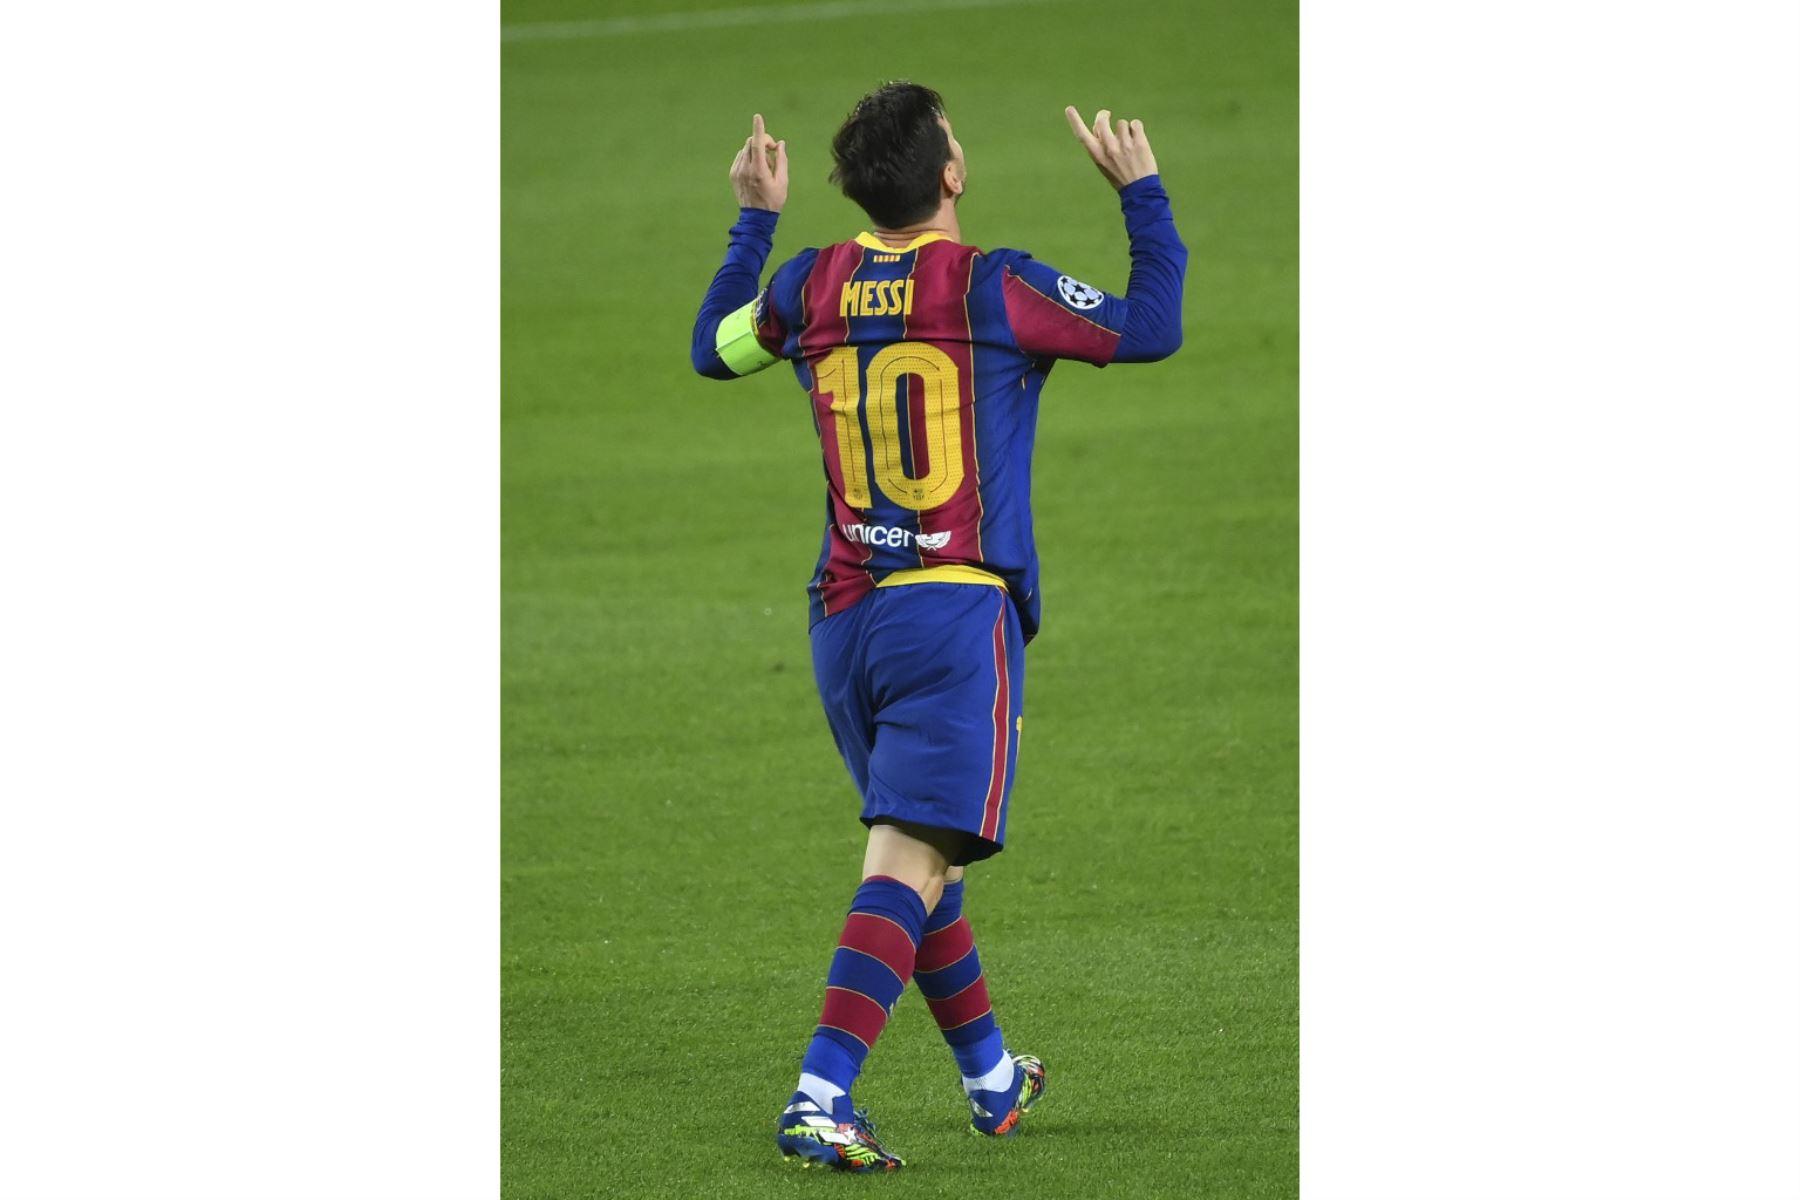 El delantero argentino del Barcelona Lionel Messi celebra tras anotar un penalti durante el partido de fútbol de la UEFA Champions League entre el FC Barcelona y el Ferencvarosi TC en el estadio Camp Nou de Barcelona el 20 de octubre de 2020. Foto: AFP